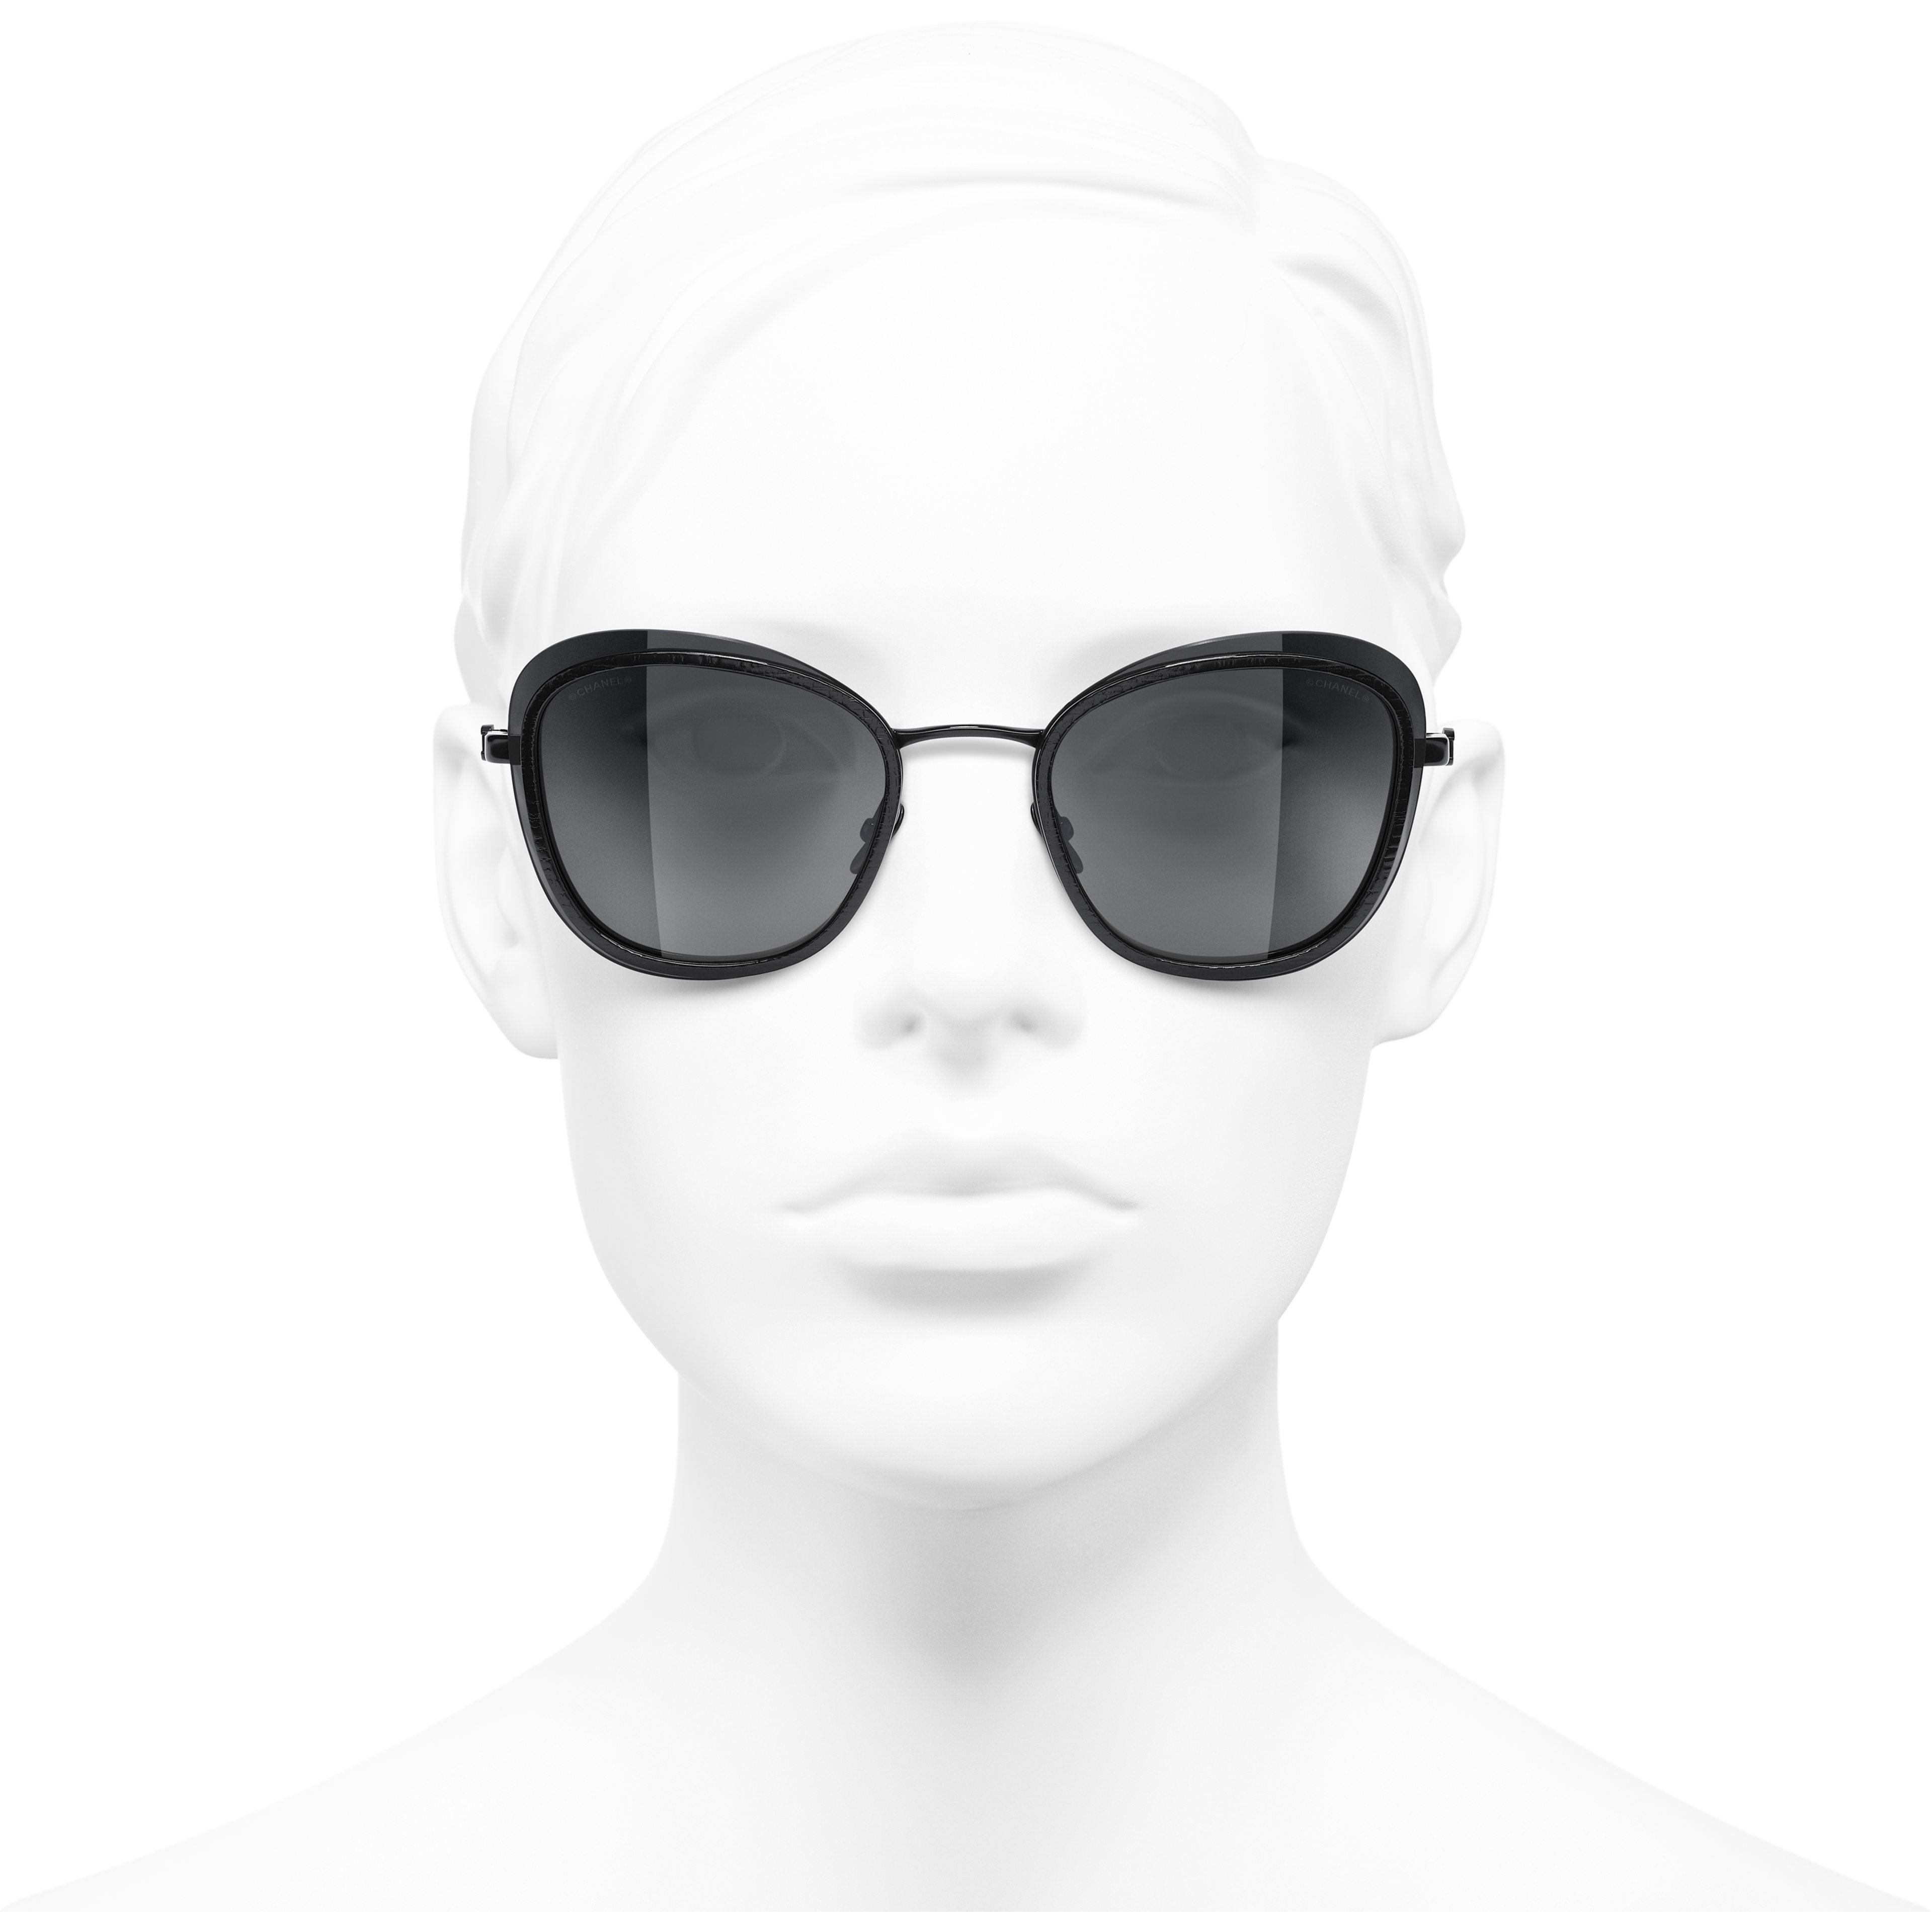 Солнцезащитные очки - Черный - Ацетат и металл - CHANEL - Вид анфас - посмотреть изображение стандартного размера